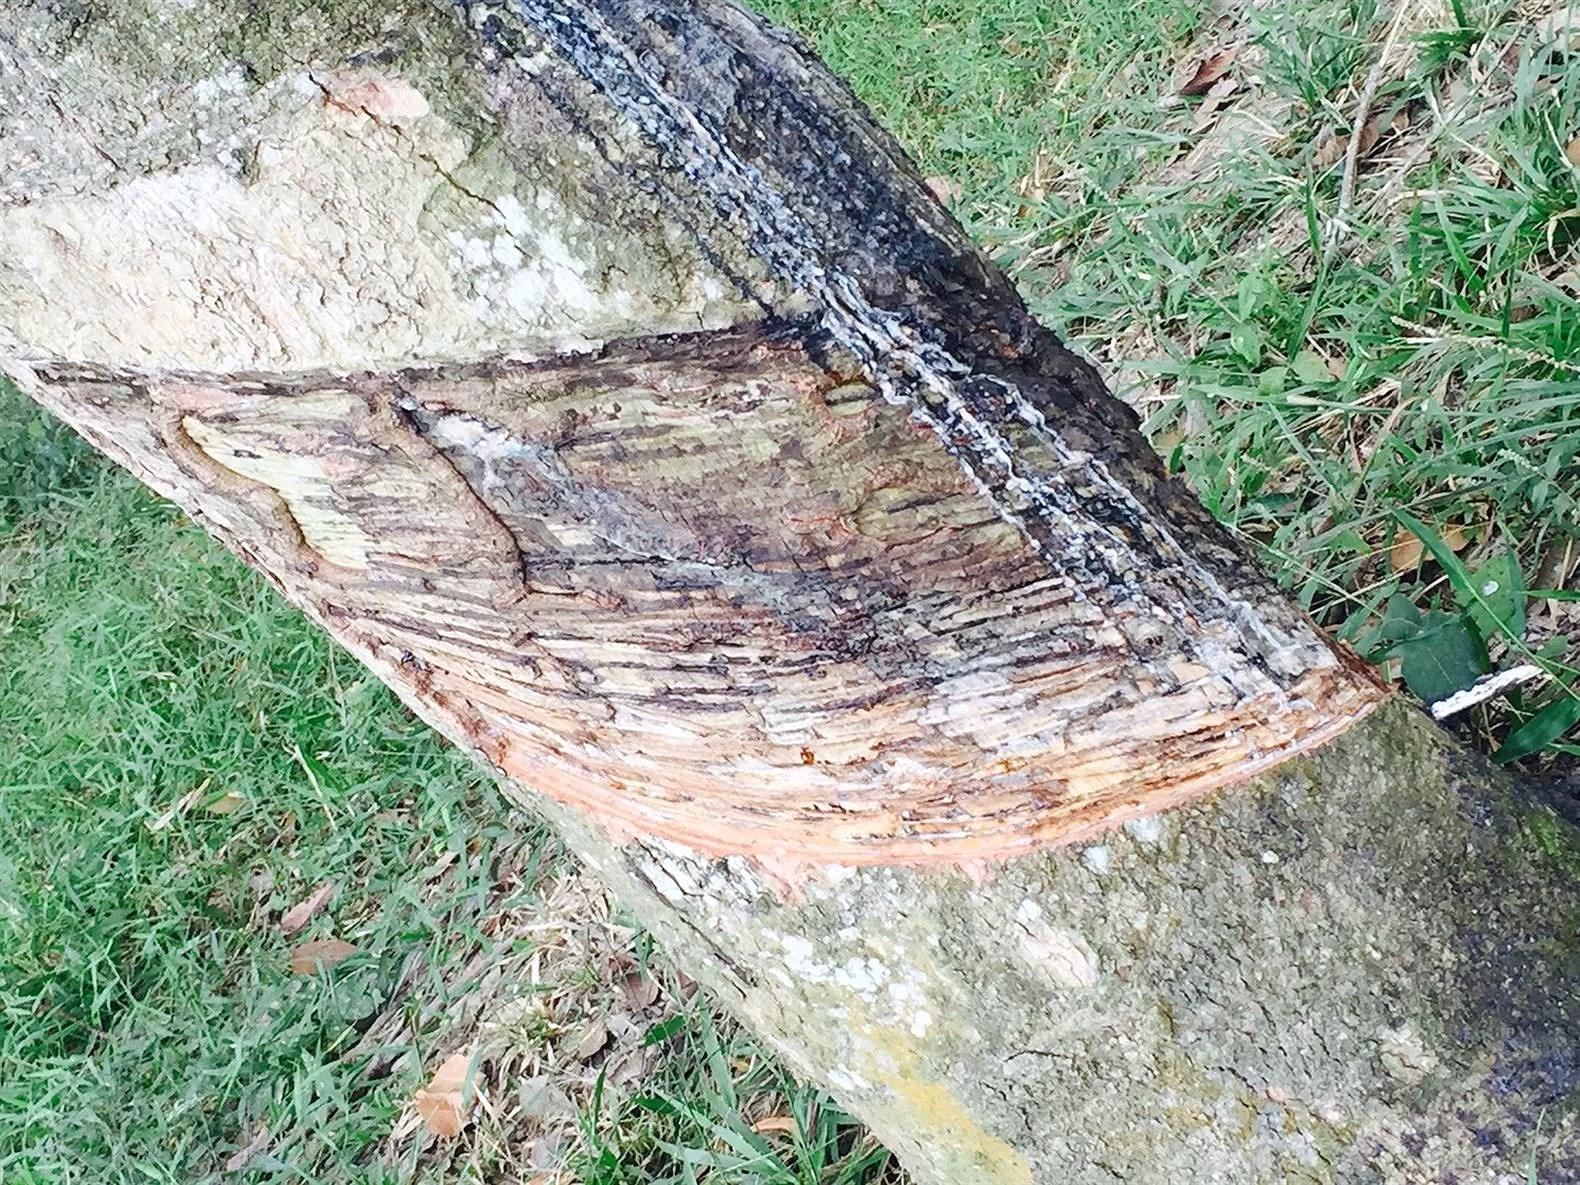 """Der skæres i barken, for at få træet til at """"Bløde"""" Gummi."""